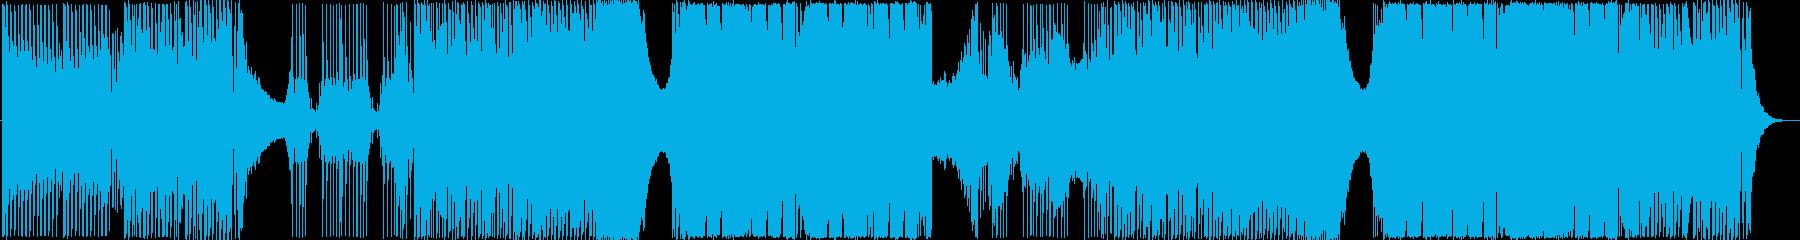 夏に盛り上がれるEDMの再生済みの波形